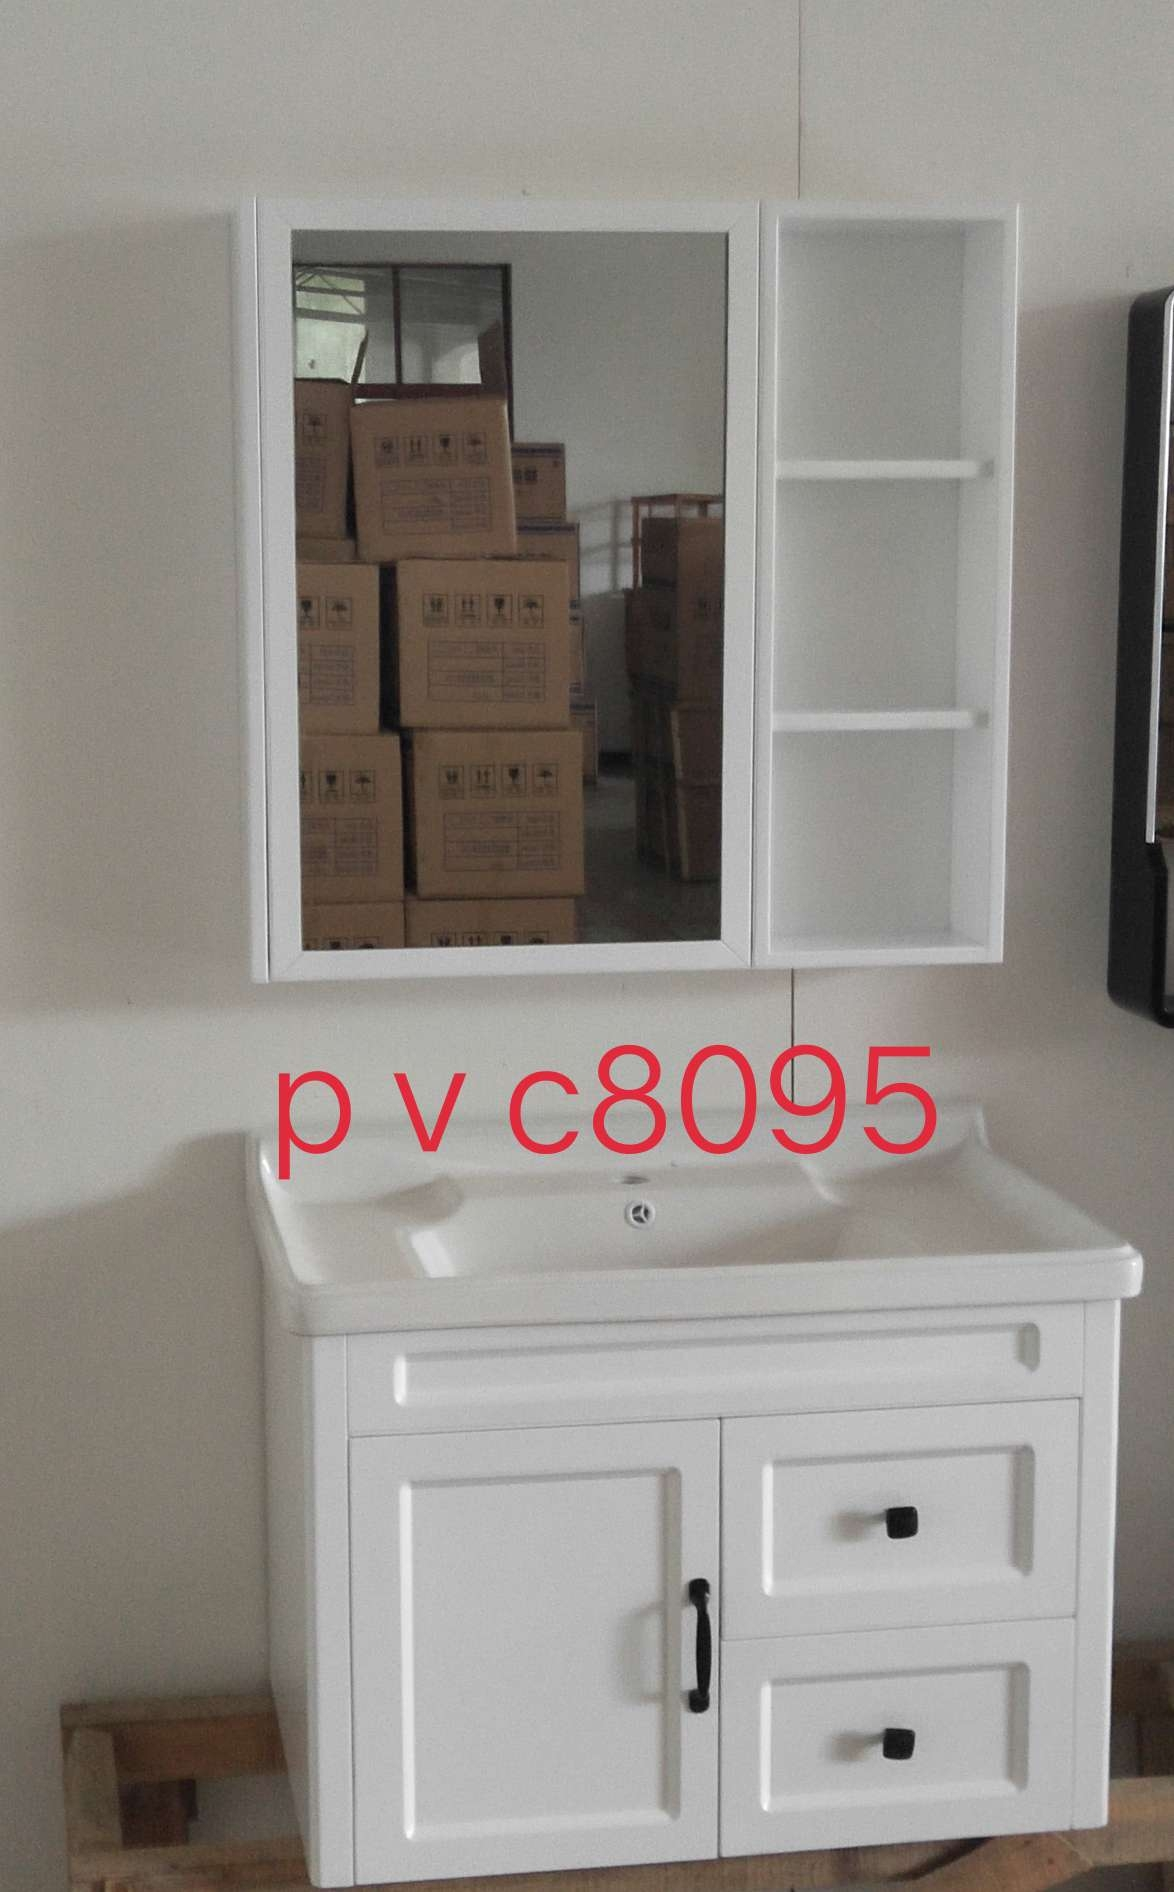 pvc.8095